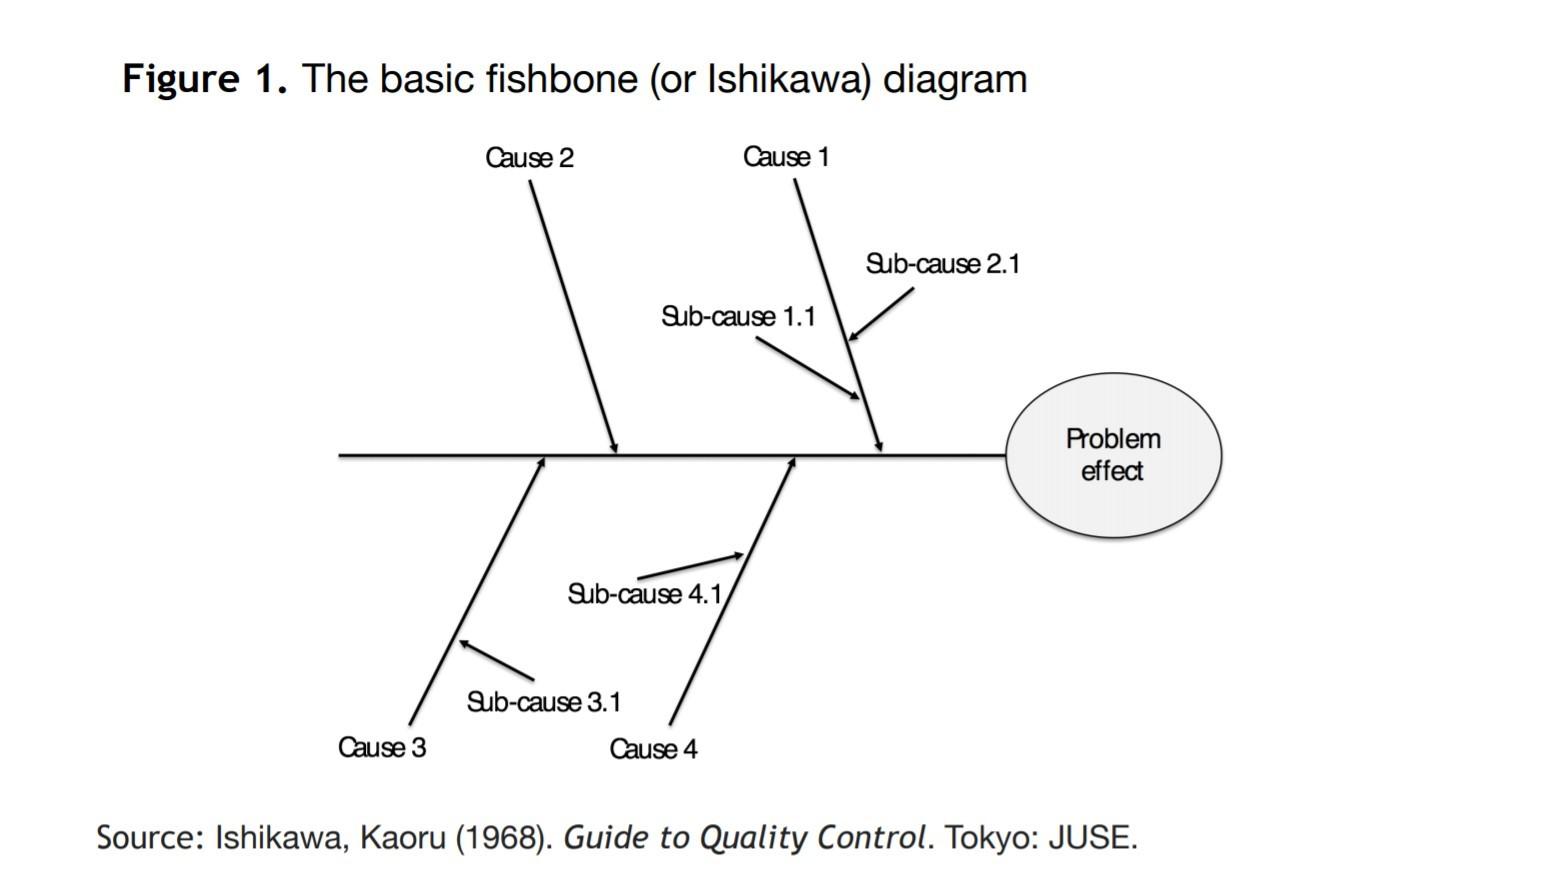 نمودار ایشکاوا- مرکز توانمندسازی حاکمیت و جامعه